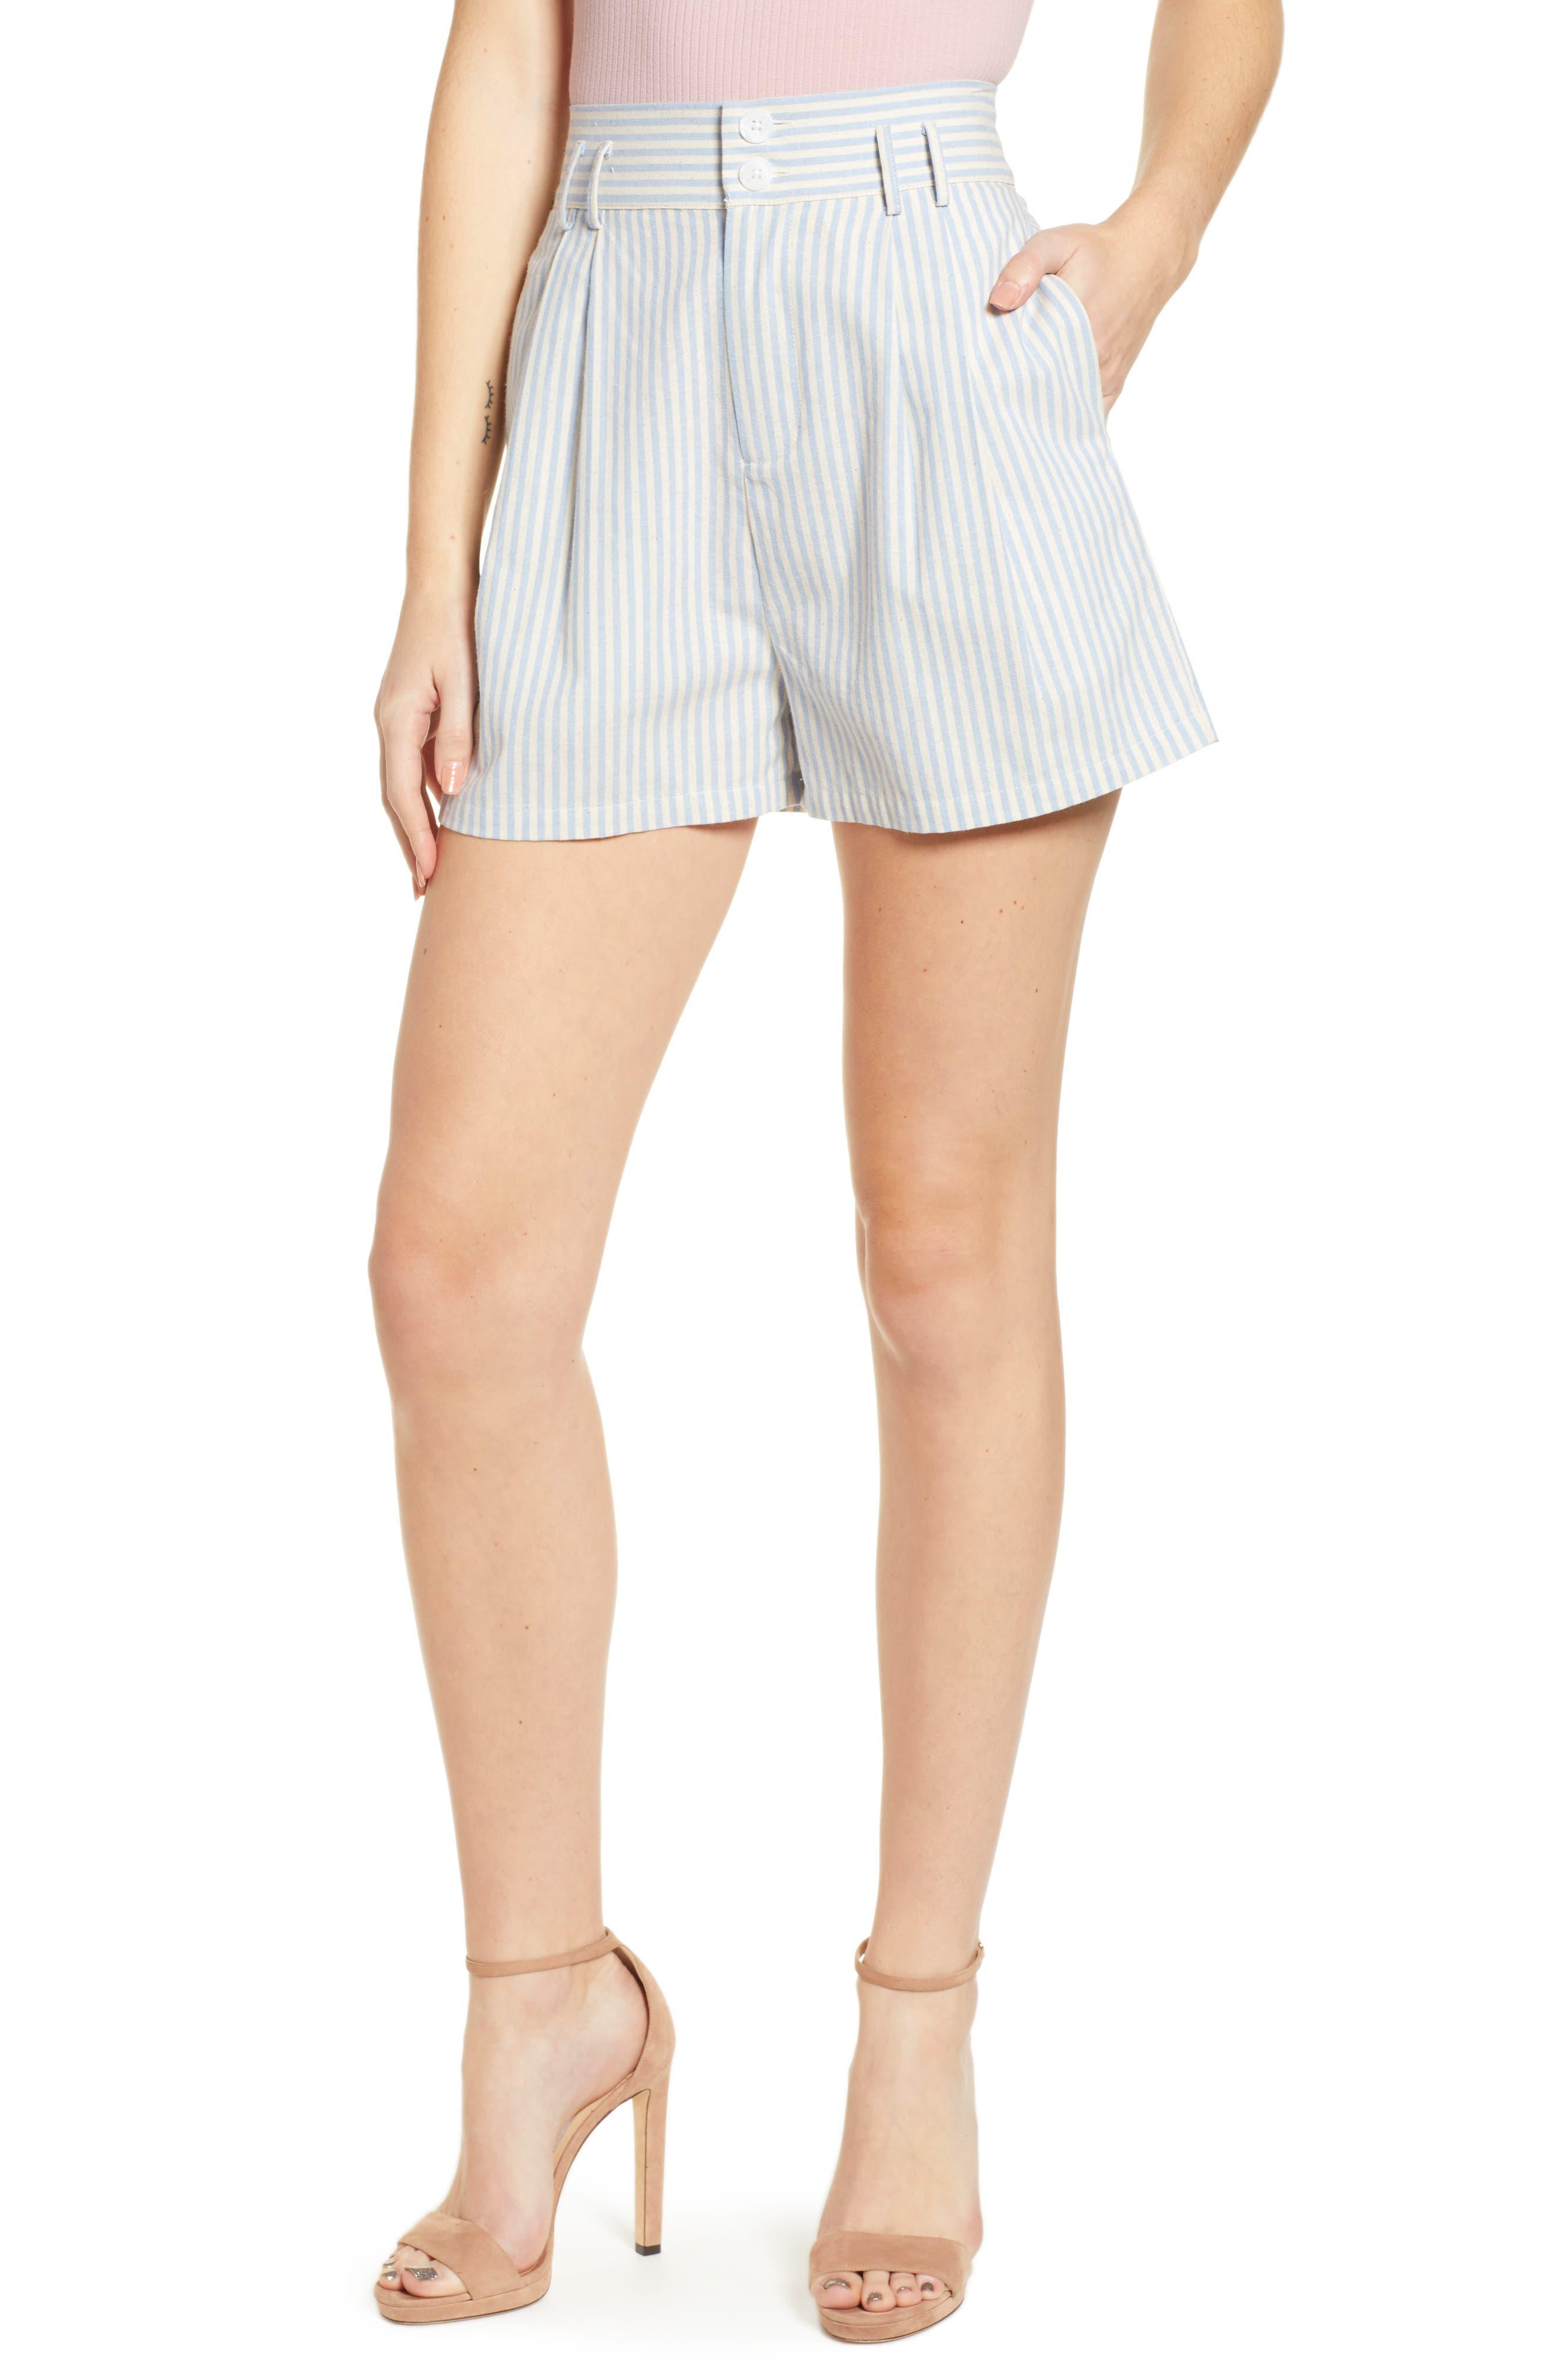 Vintage High Waisted Shorts, Sailor Shorts, Retro Shorts Womens English Factory Striped Bermuda Shorts $58.00 AT vintagedancer.com